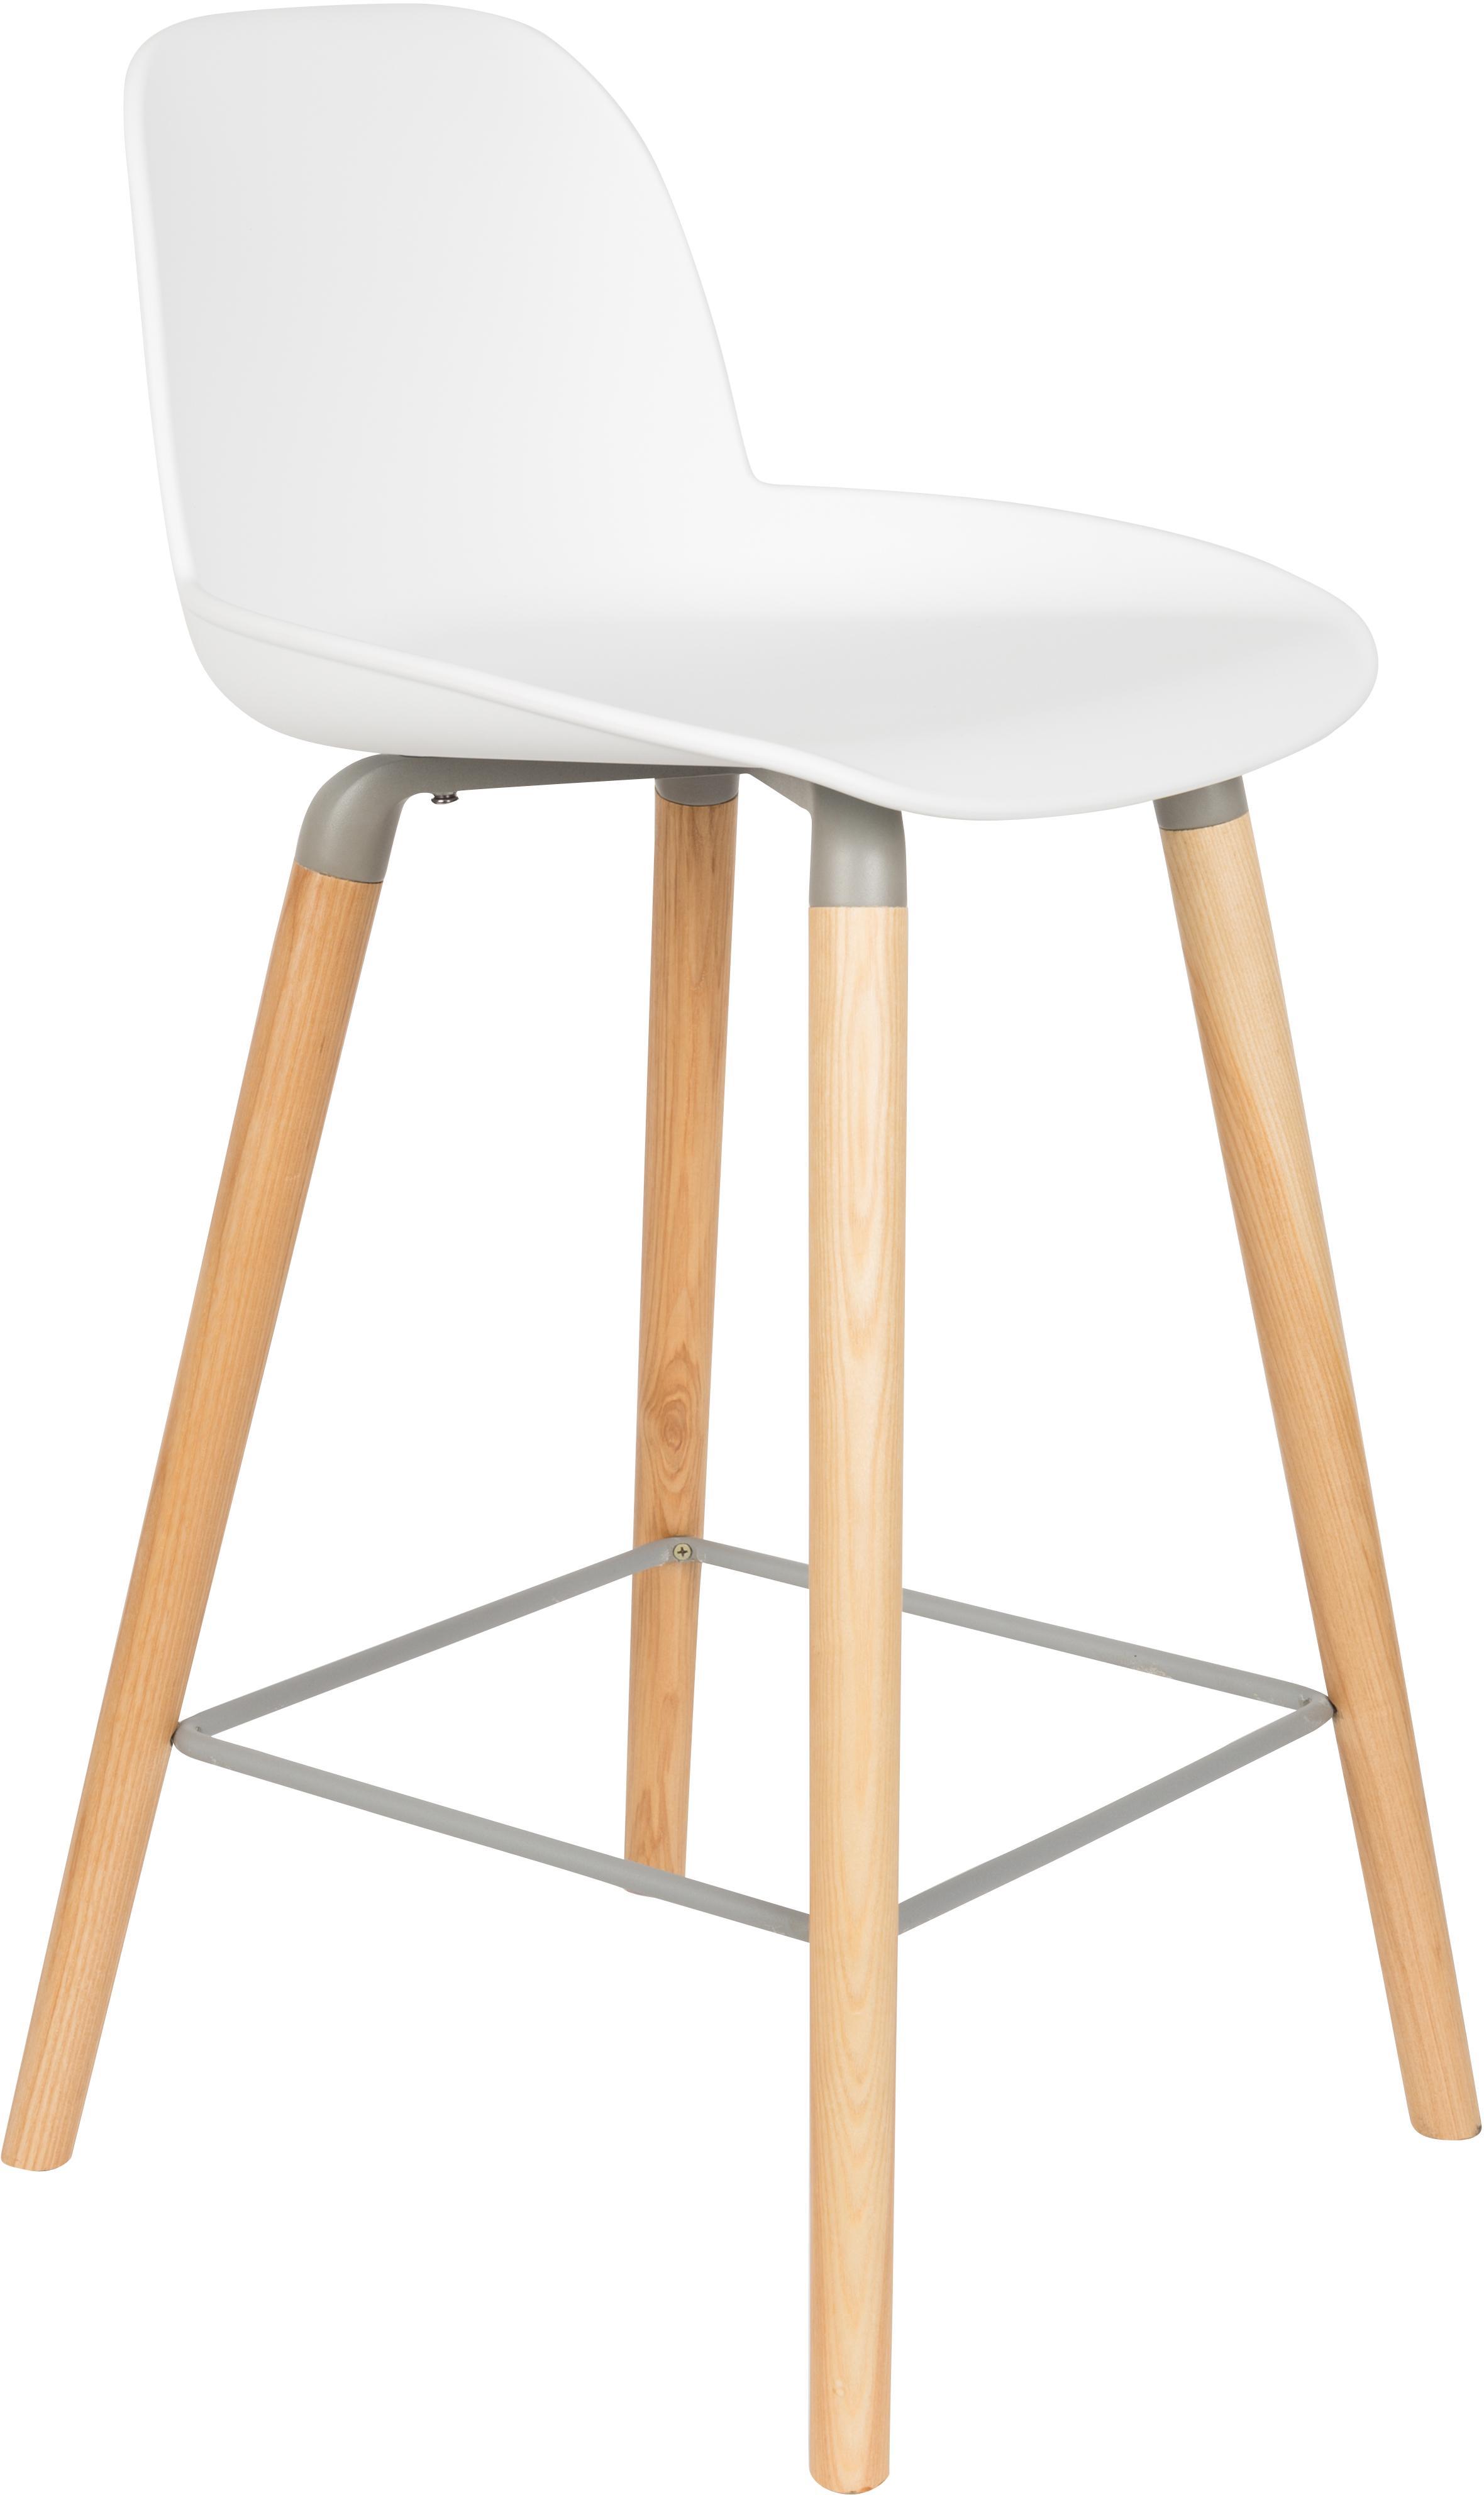 Krzesło kontuarowe Albert Kuip, Nogi: drewno dębowe, Siedzisko: biały Nogi: drewno jesionowe Rama i podnóżek: szary, S 45 x W 89 cm